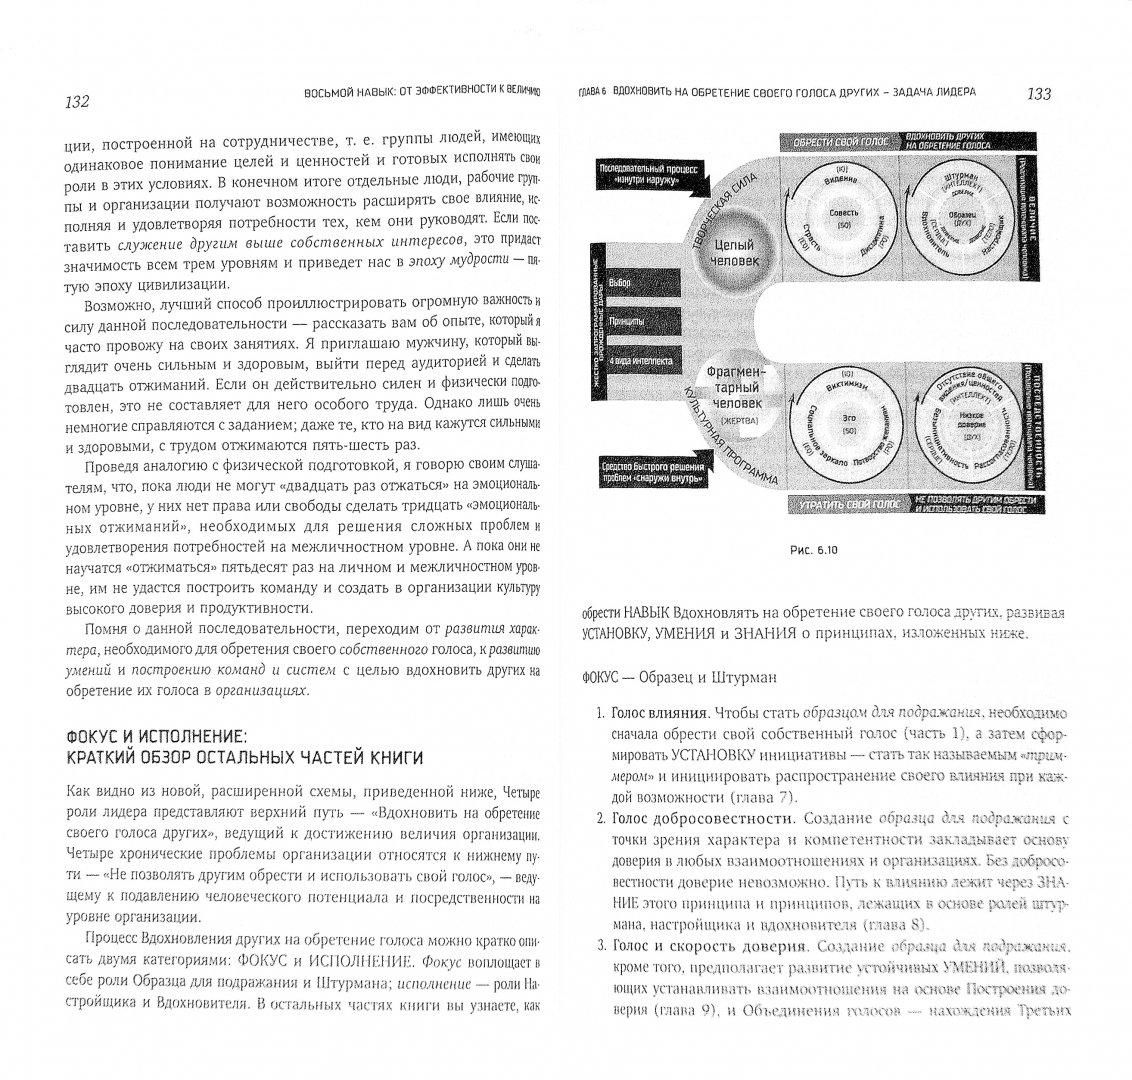 Иллюстрация 1 из 18 для Восьмой навык. От эффективности к величию - Стивен Кови | Лабиринт - книги. Источник: Лабиринт